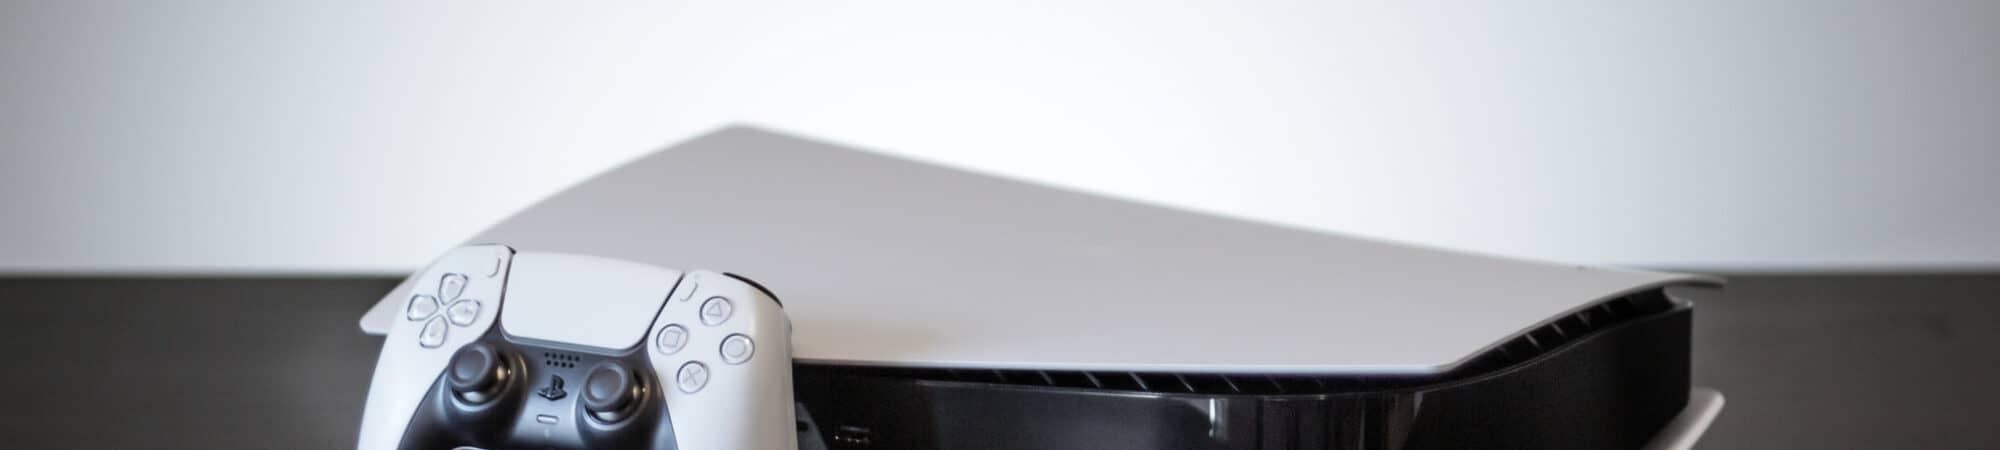 Estoque do PS5 continuará em baixa nos próximos meses